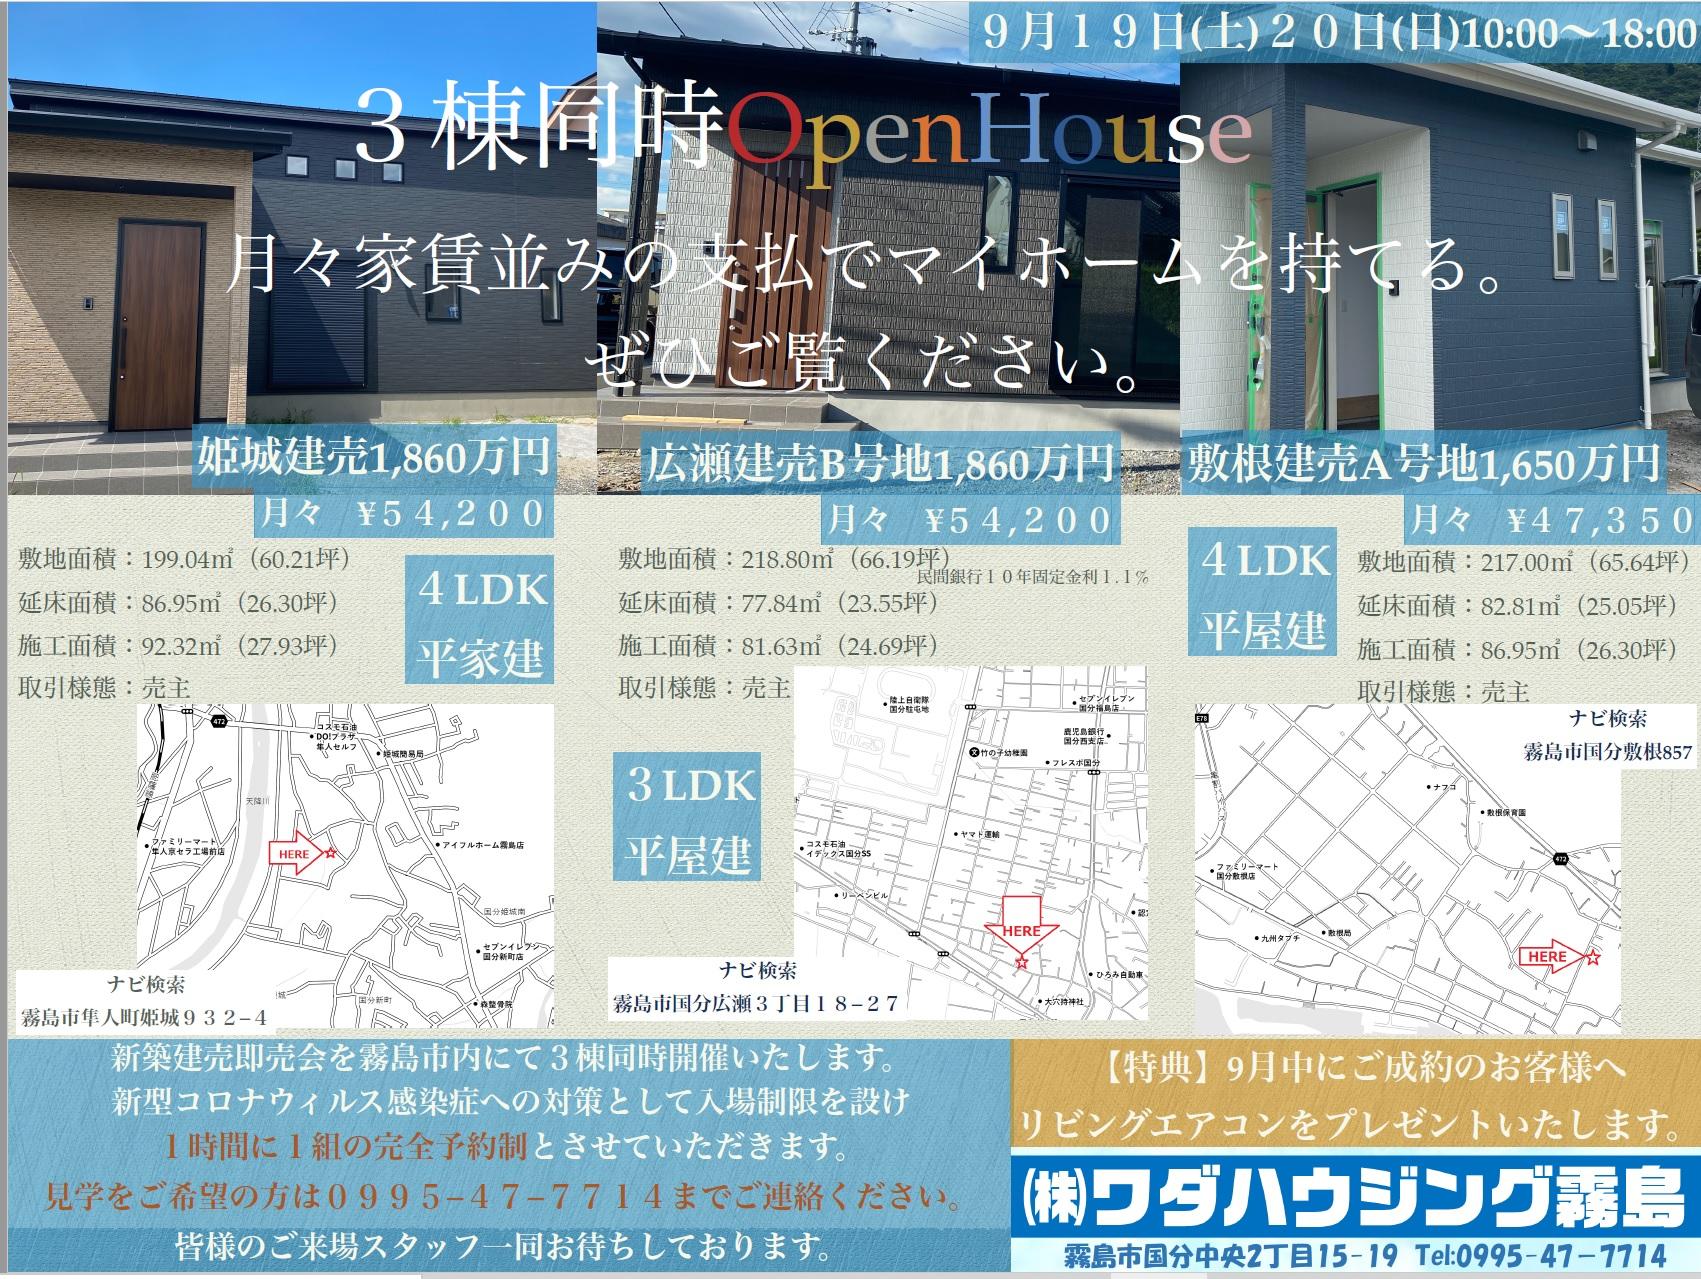 【チラシ】3棟同時OpenHouse